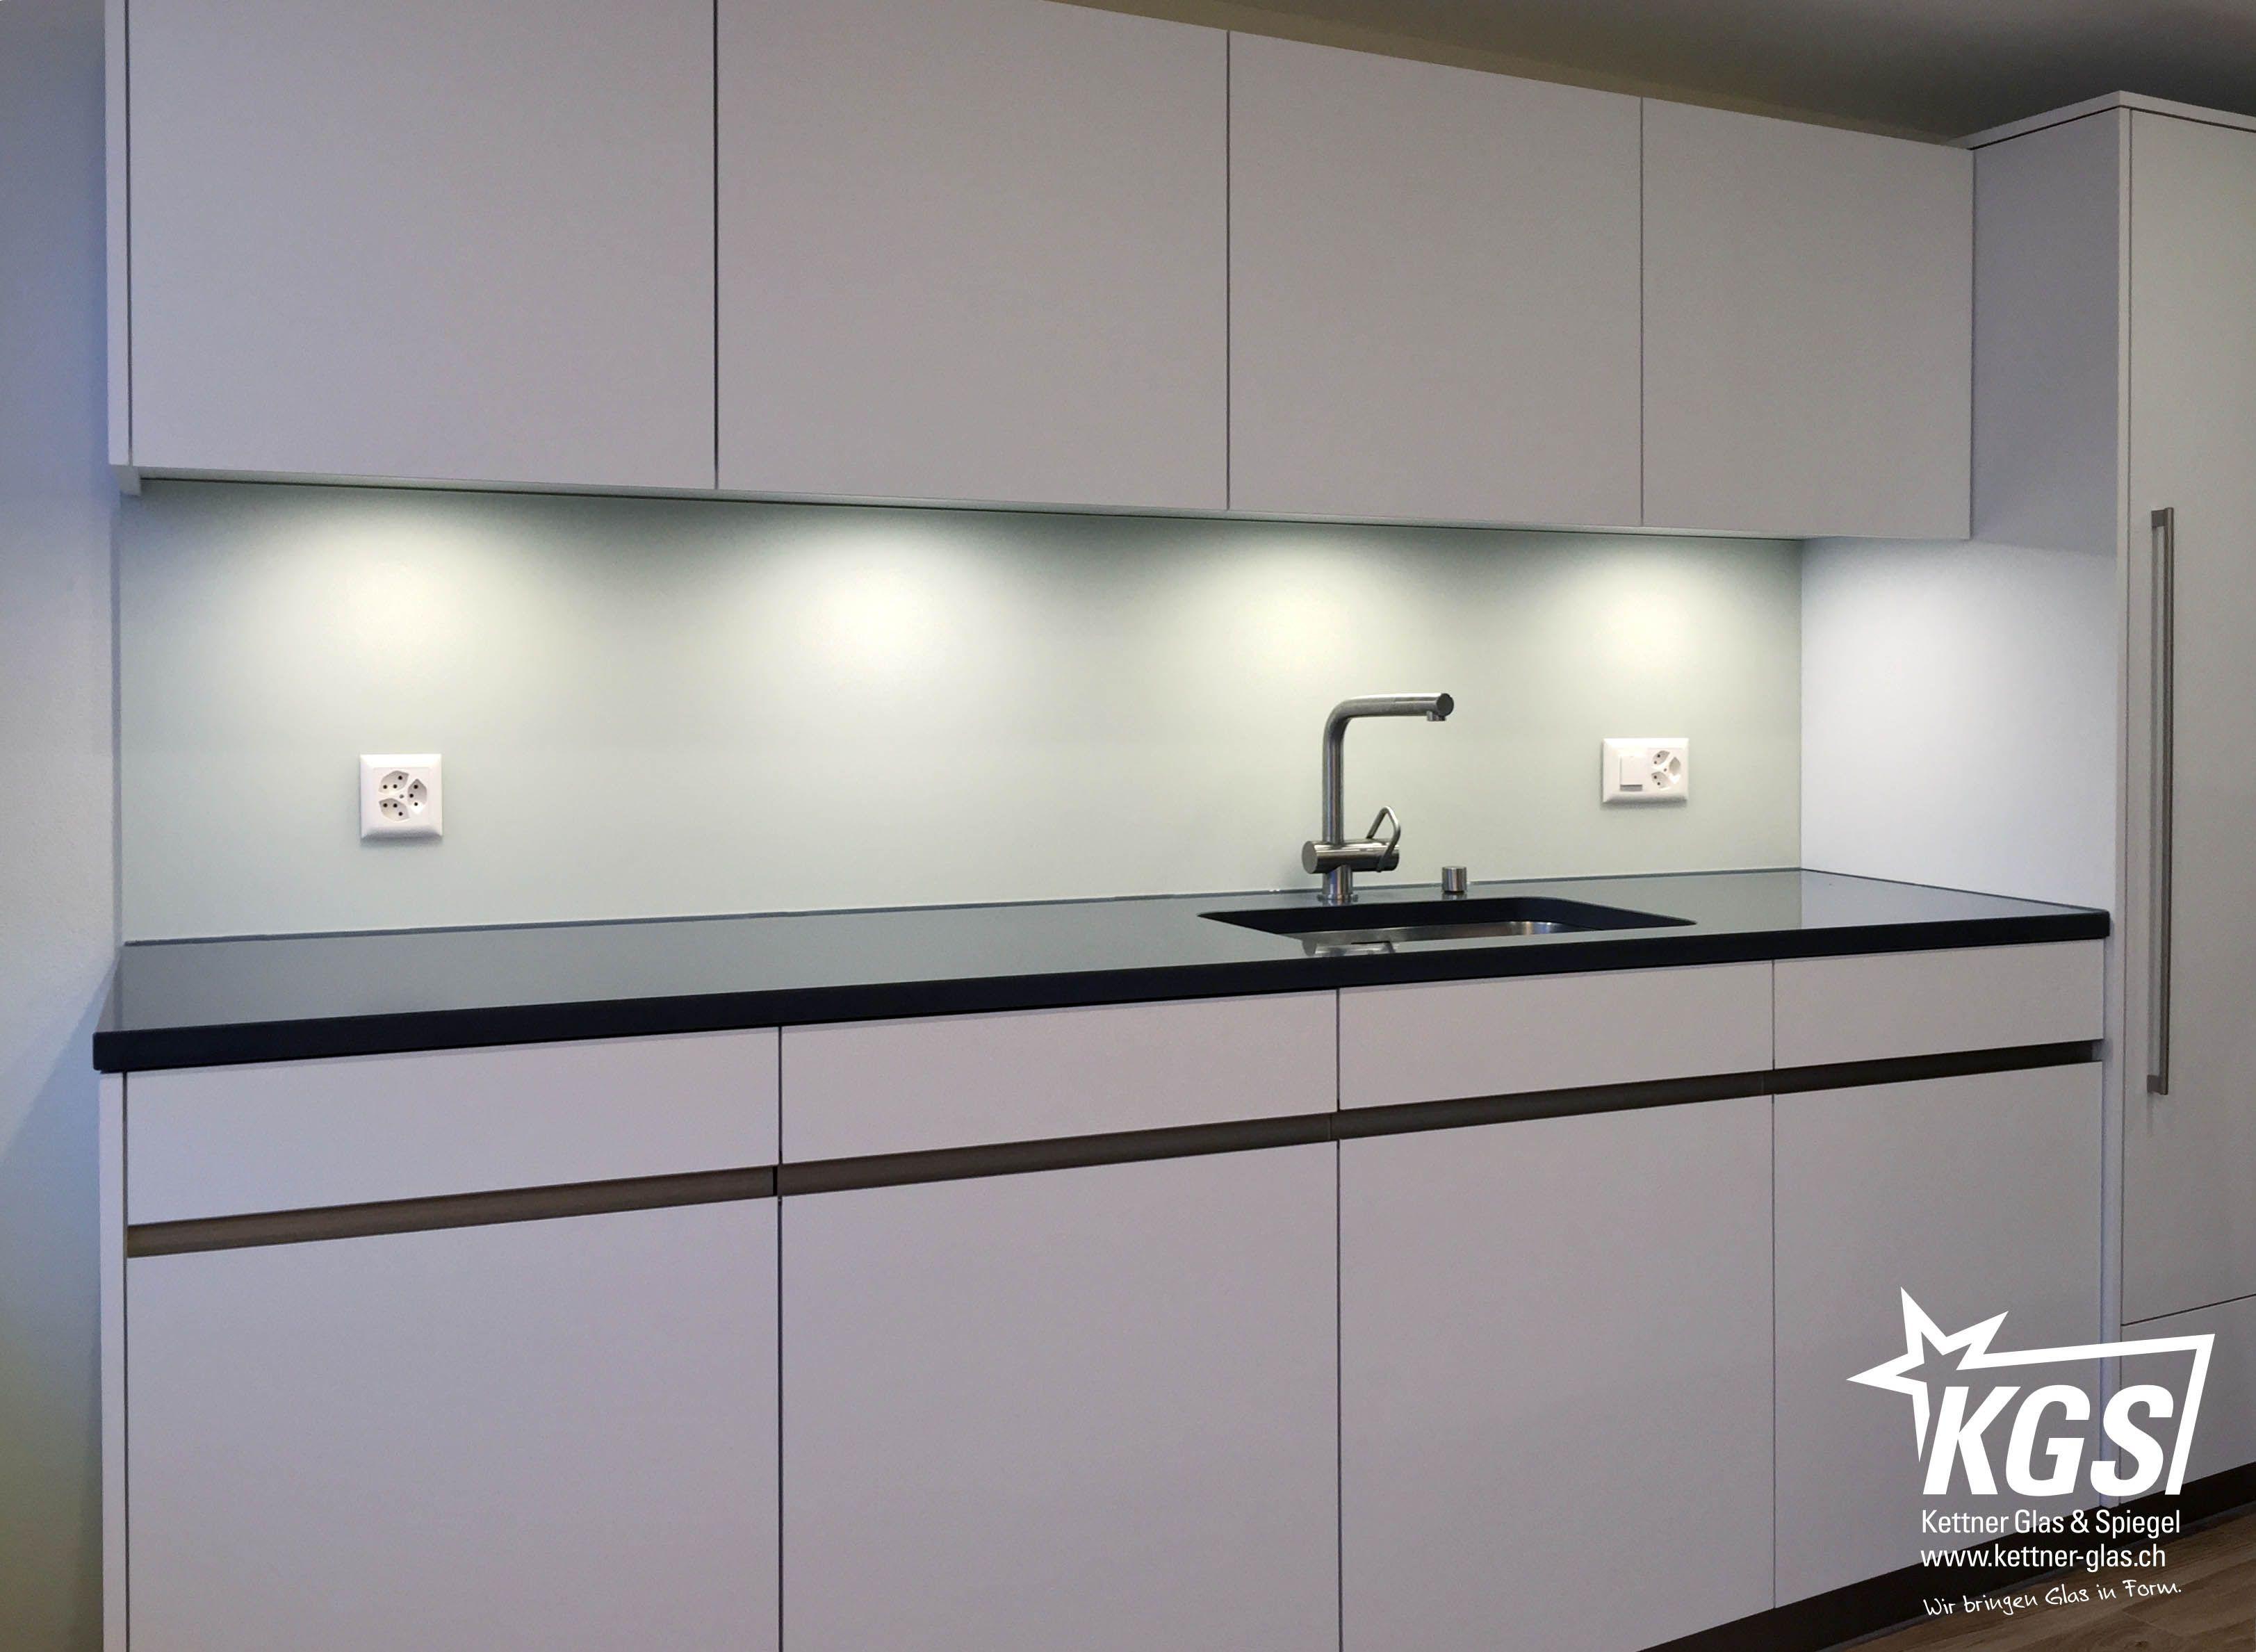 Glas-Küchenrückwand aus satiniertem Diamant-Glas mit NCS-Lackierung ...